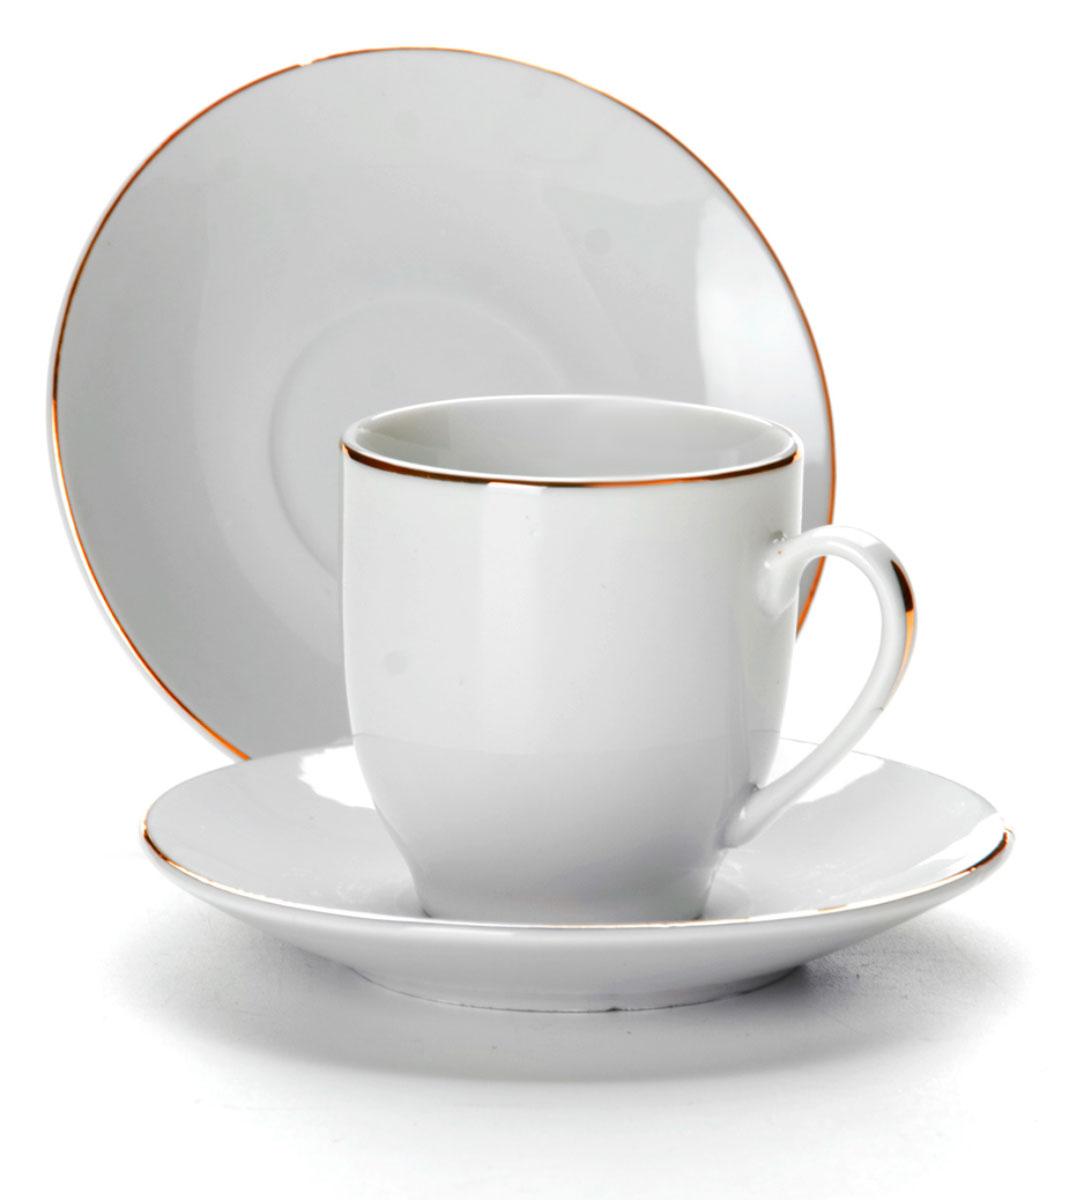 Набор кофейный Loraine, 12 предметов. 2560925609Набор имеет красивый нежный дизайн. Состоит из 12 предметов: чашка-6 шт (90 мл) и блюдце-6 шт. Набор изготовлен из качественной керамики. Керамика безопасна для здоровья и надолго сохраняет тепло напитка. Изысканно белый цвет с золотым декором придает набору элегантный вид. Набор аккуратно сложен в подарочную упаковку. Размеры: чашка - D6х5,5см, блюдце - D10,5см. Станет прекрасным украшением сервировки стола, а процесс чаепития превратится в одно удовольствие! Прекрасный выбор для подарка родным и друзьям.